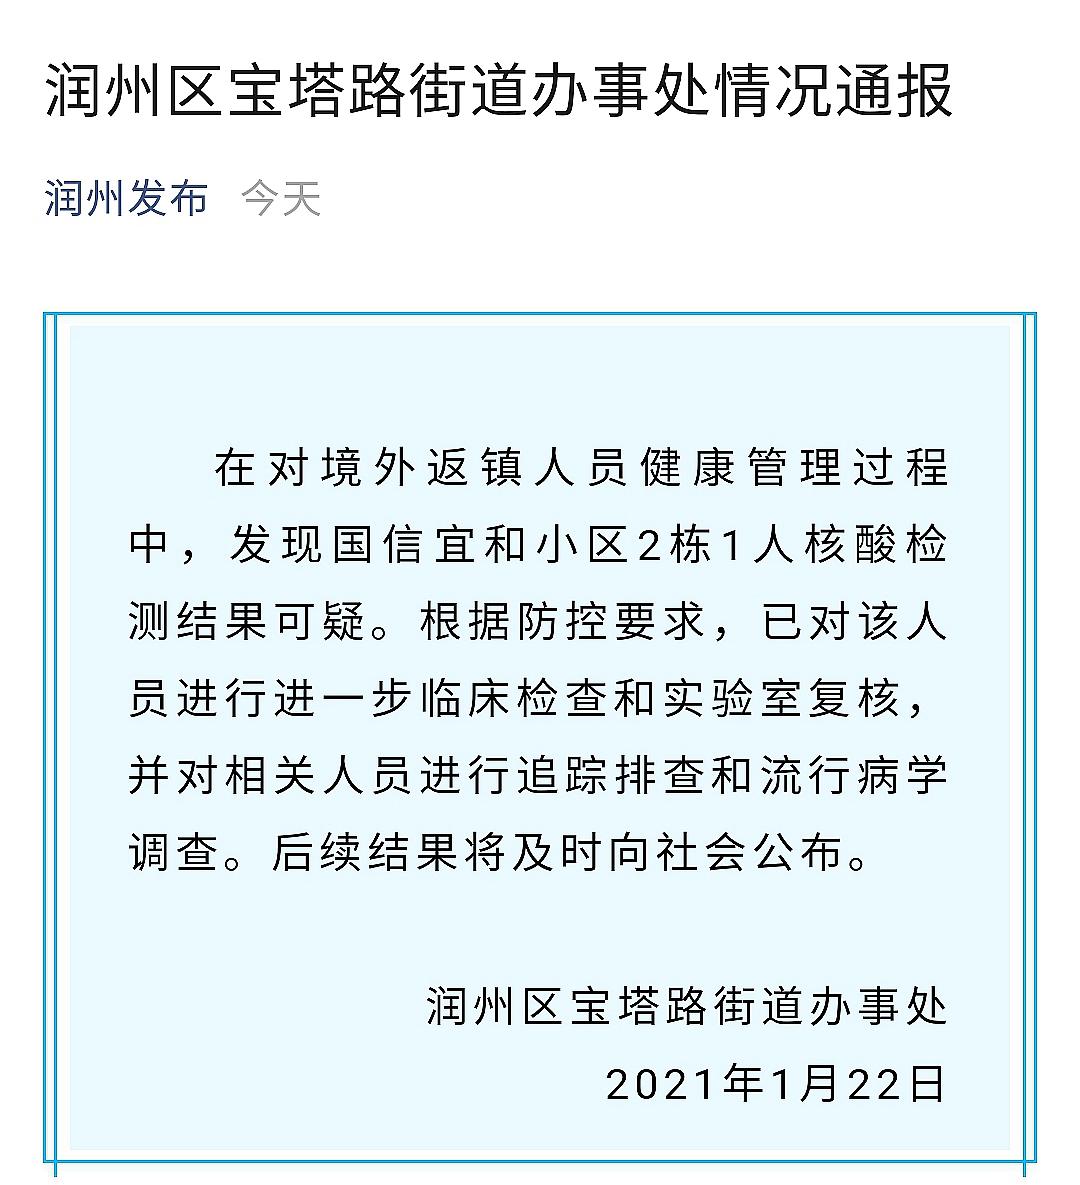 江苏镇江1人核酸检测结果可疑 已进一步检查、复核图片